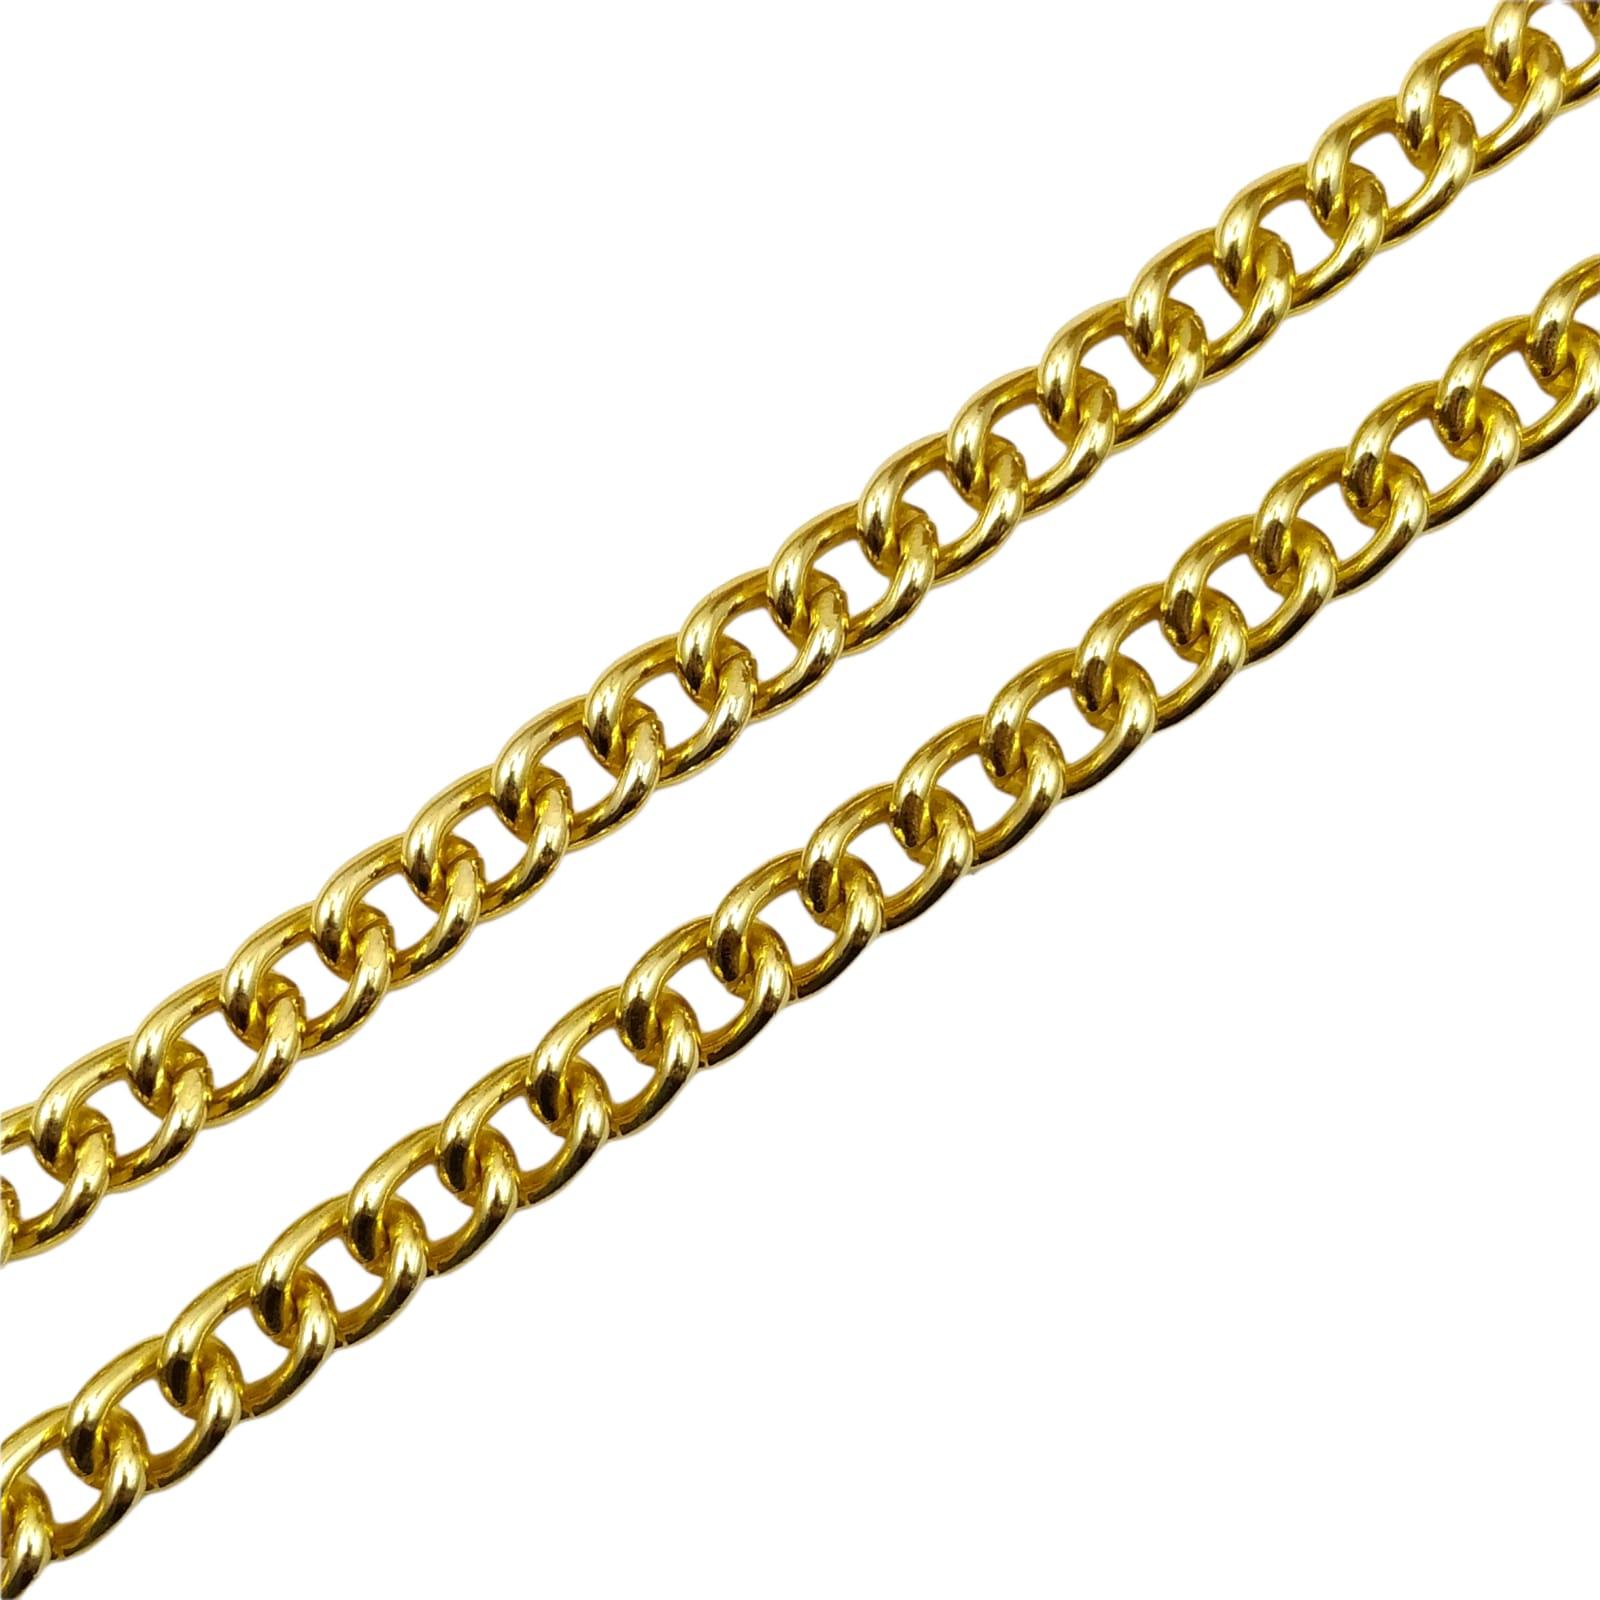 CR428 - Corrente de Alumínio 10mm Grume Fechada Dourado - 1metro